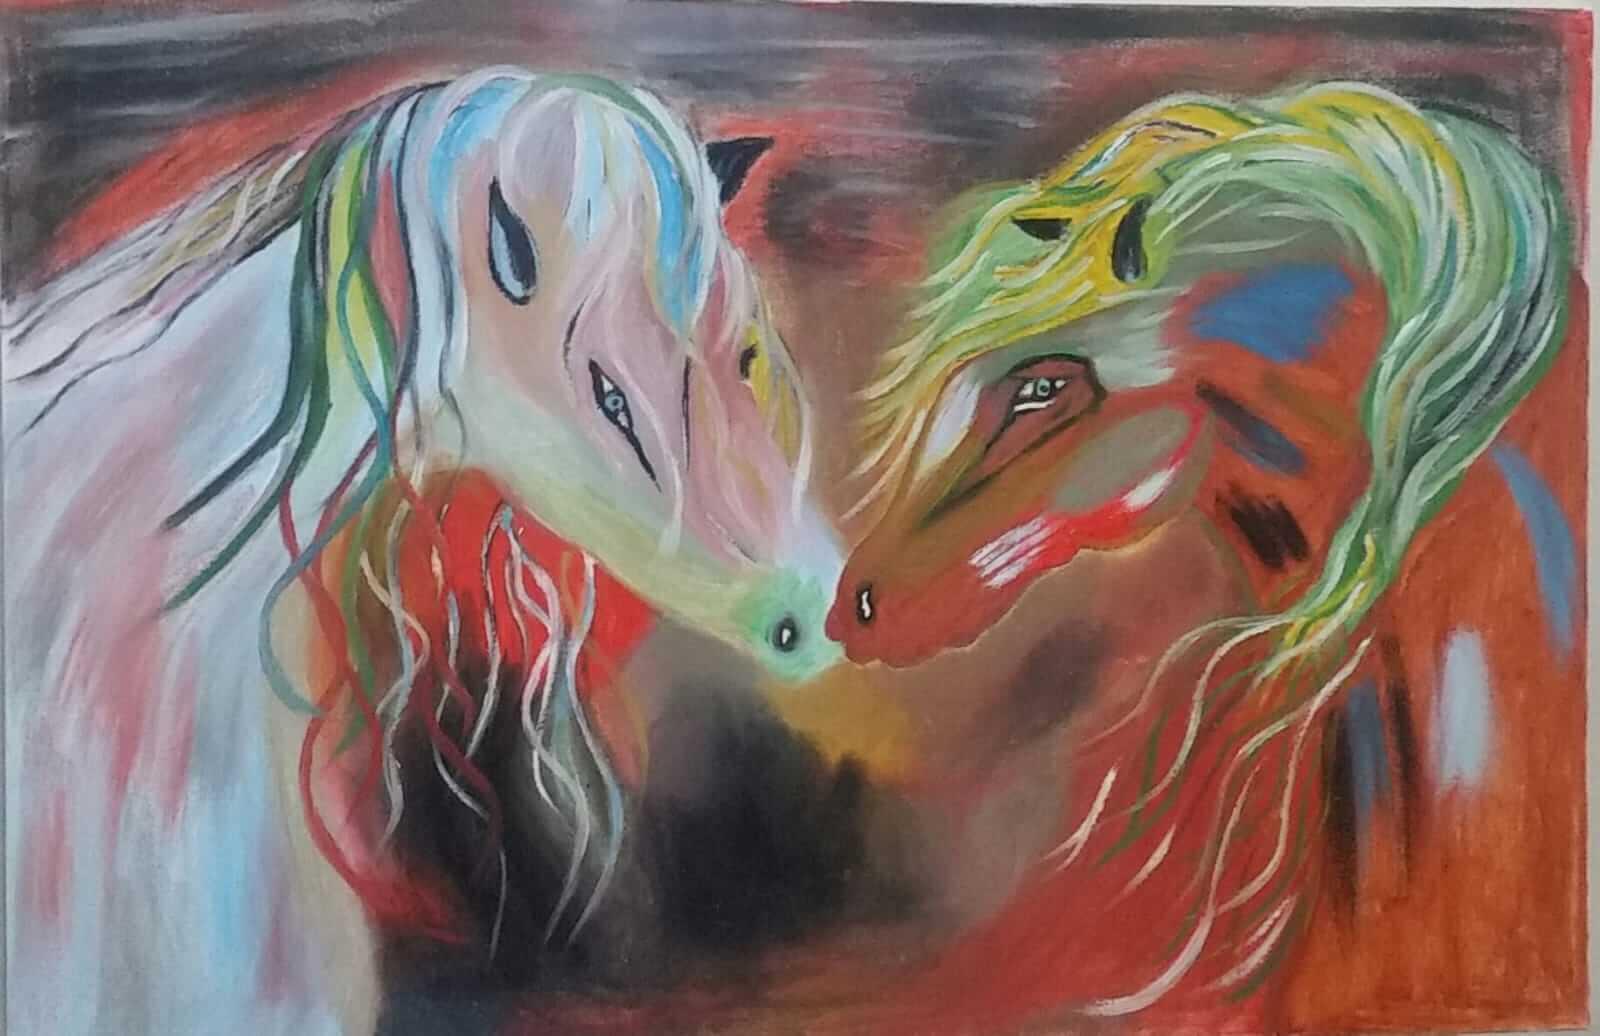 10: Loving Horses, by Mansoureh (Mahsah) Koohnab